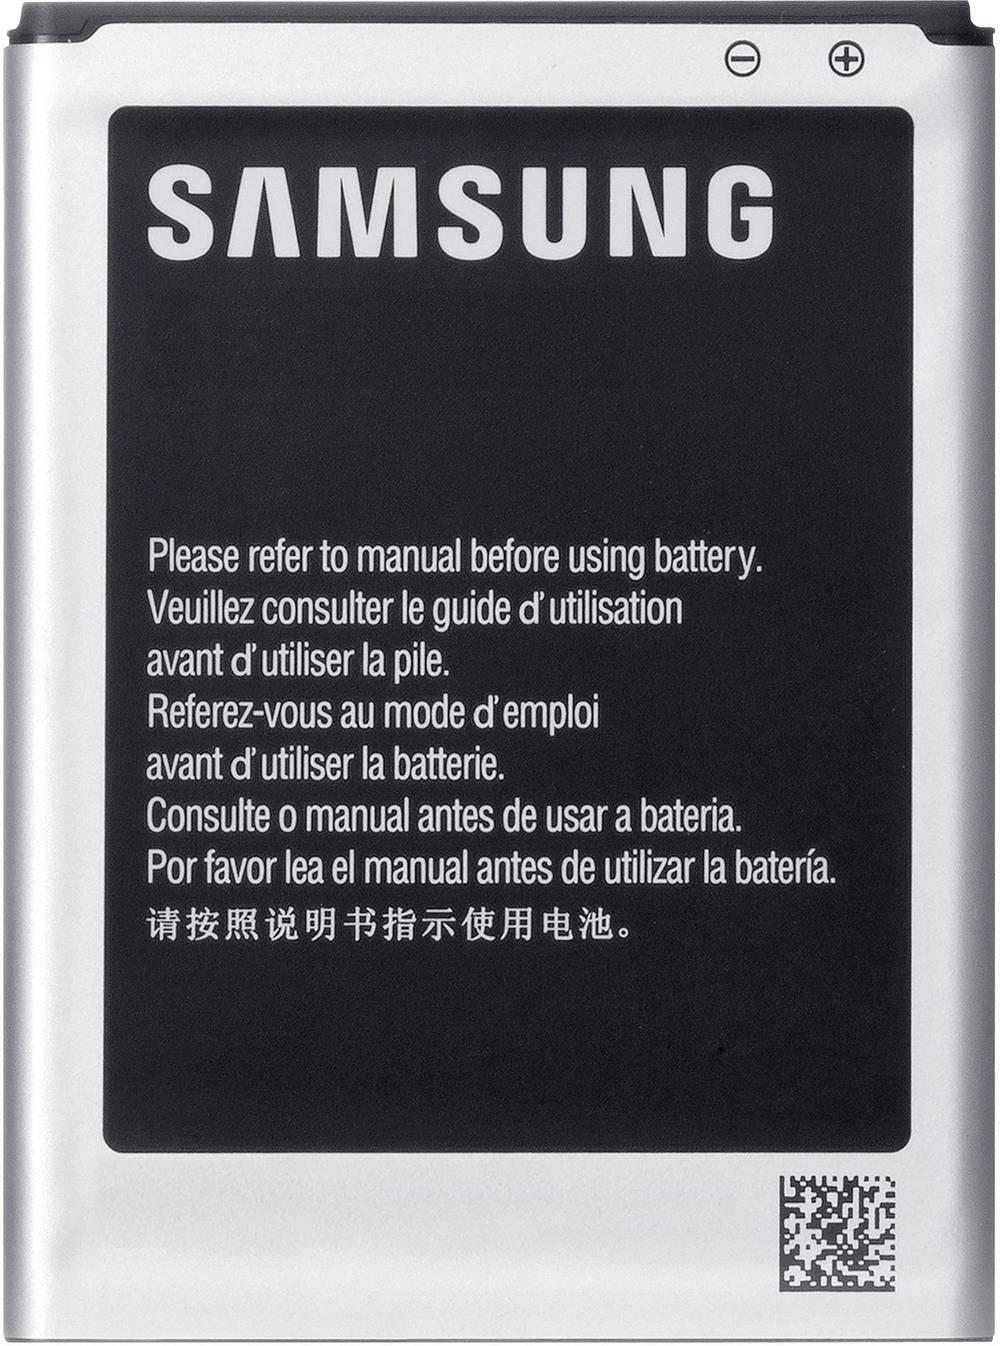 Samsung Li-Ion baterija za mobilni telefon 2600 mAh za Samsung Galaxy S4 i9505 EB-B600BEBECWW